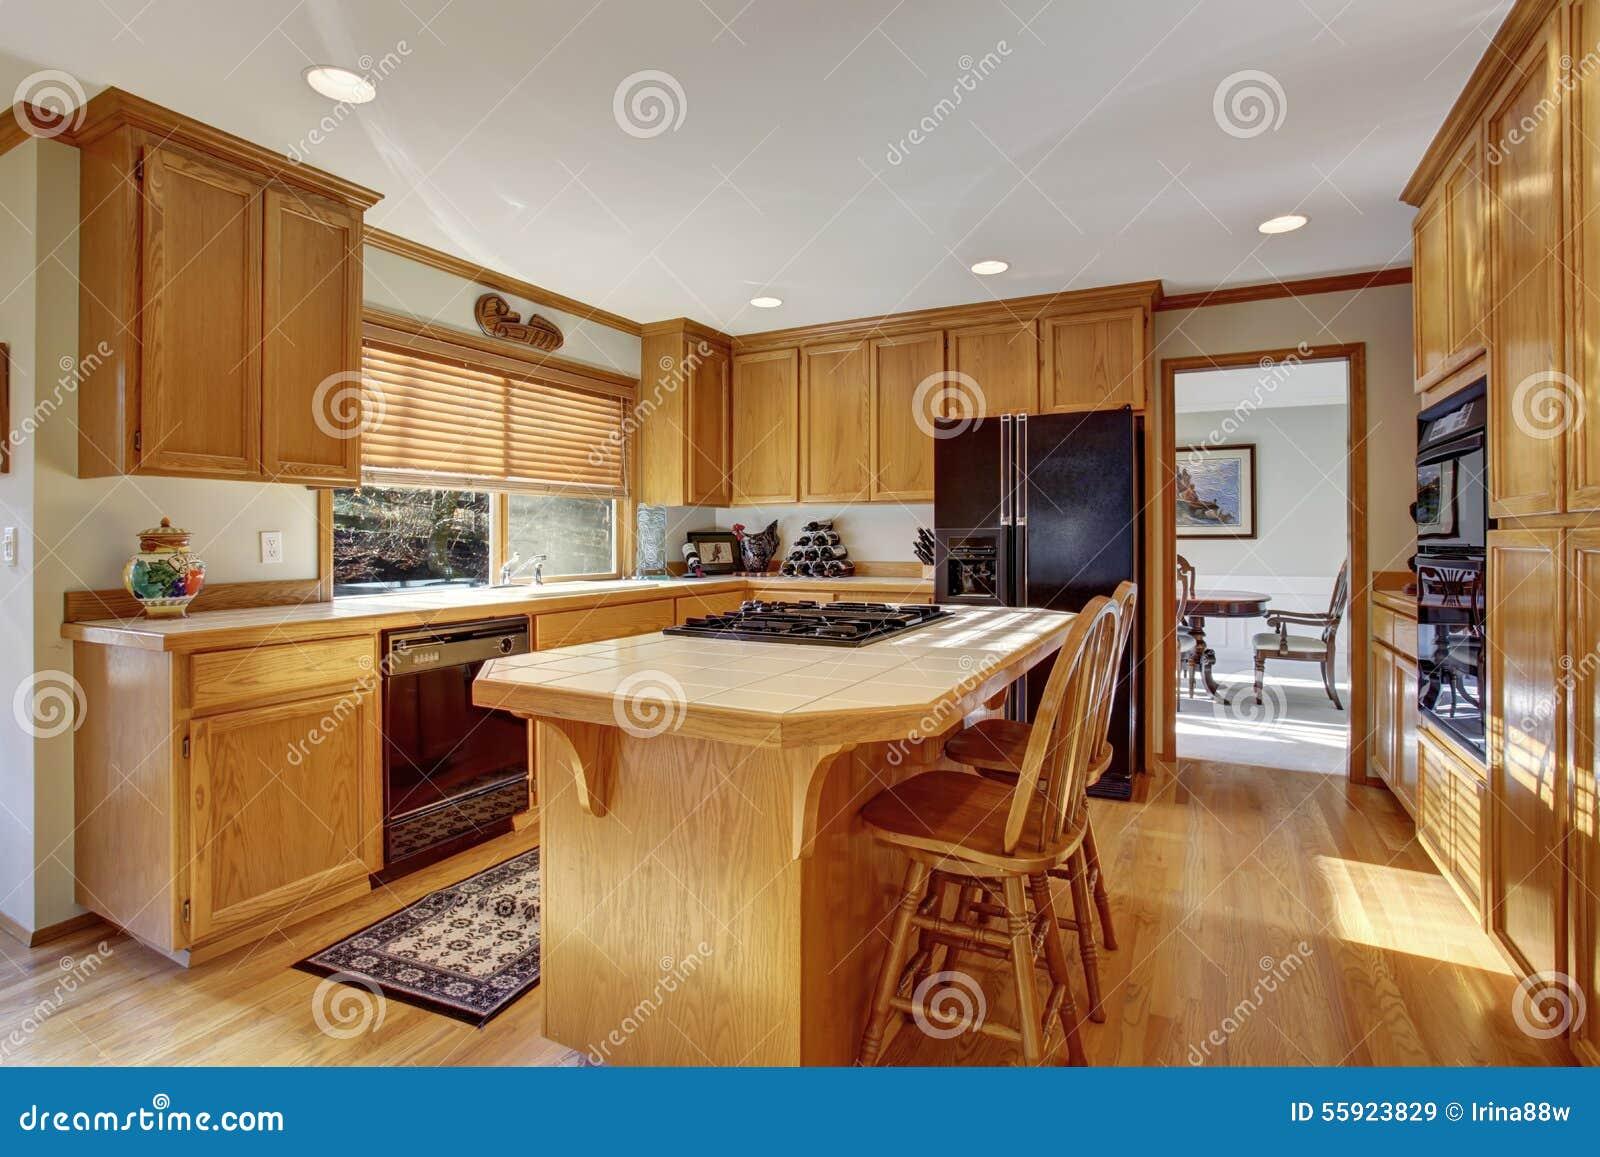 Cucina classica con il pavimento e l 39 isola di legno duro - Cucina a elle con isola ...